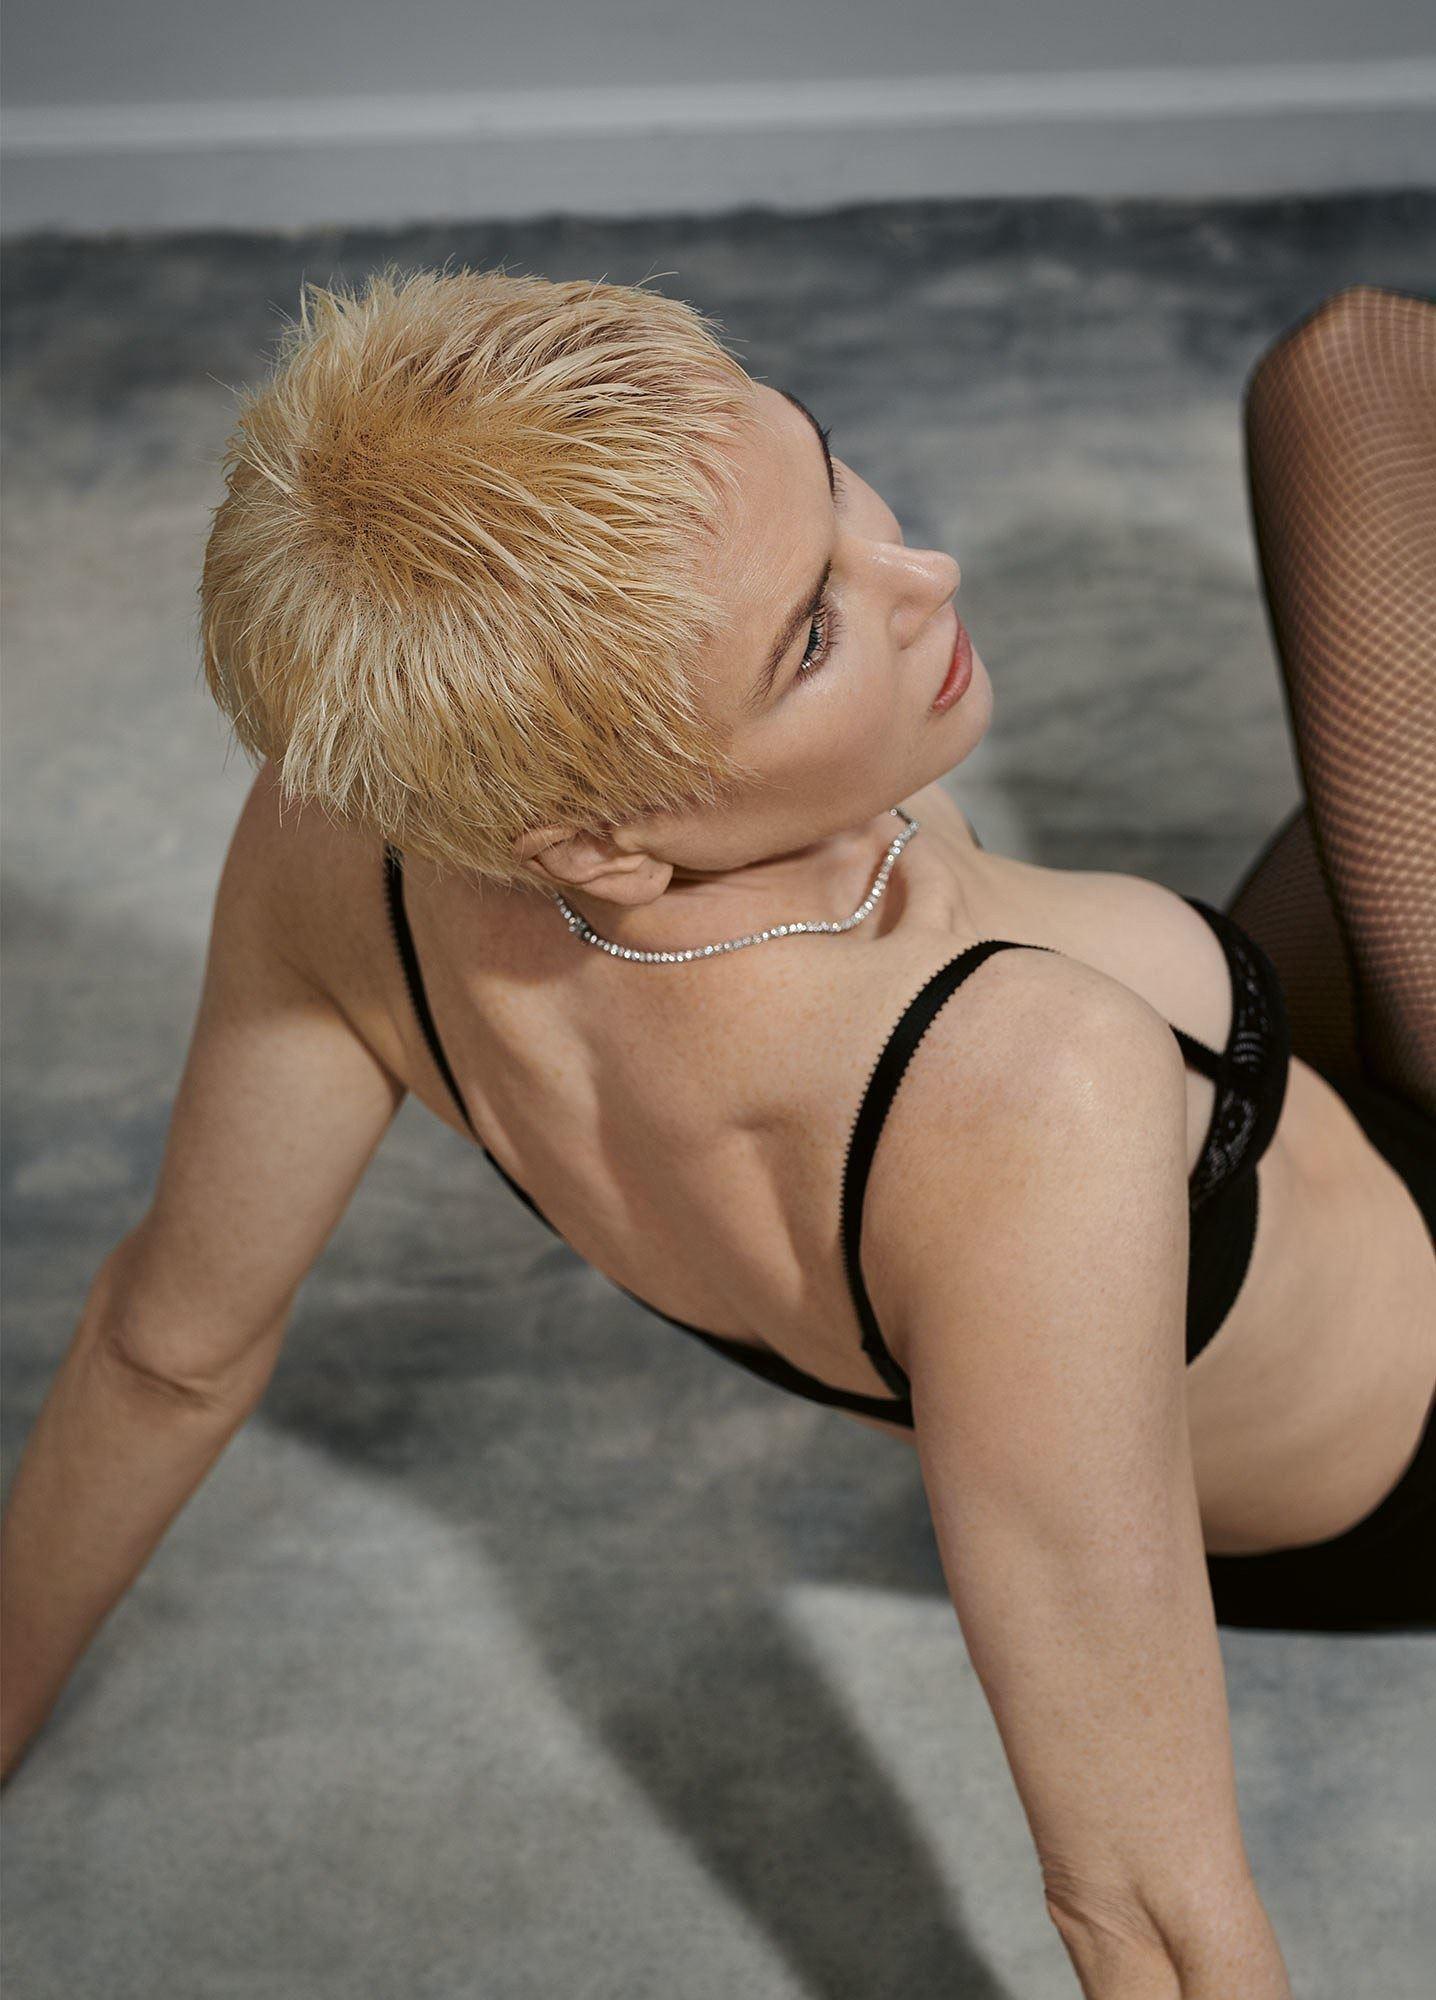 Ngỡ ngàng ngắm Nicole Kidman tóc tém, không nội y quá nóng bỏng Ảnh 4